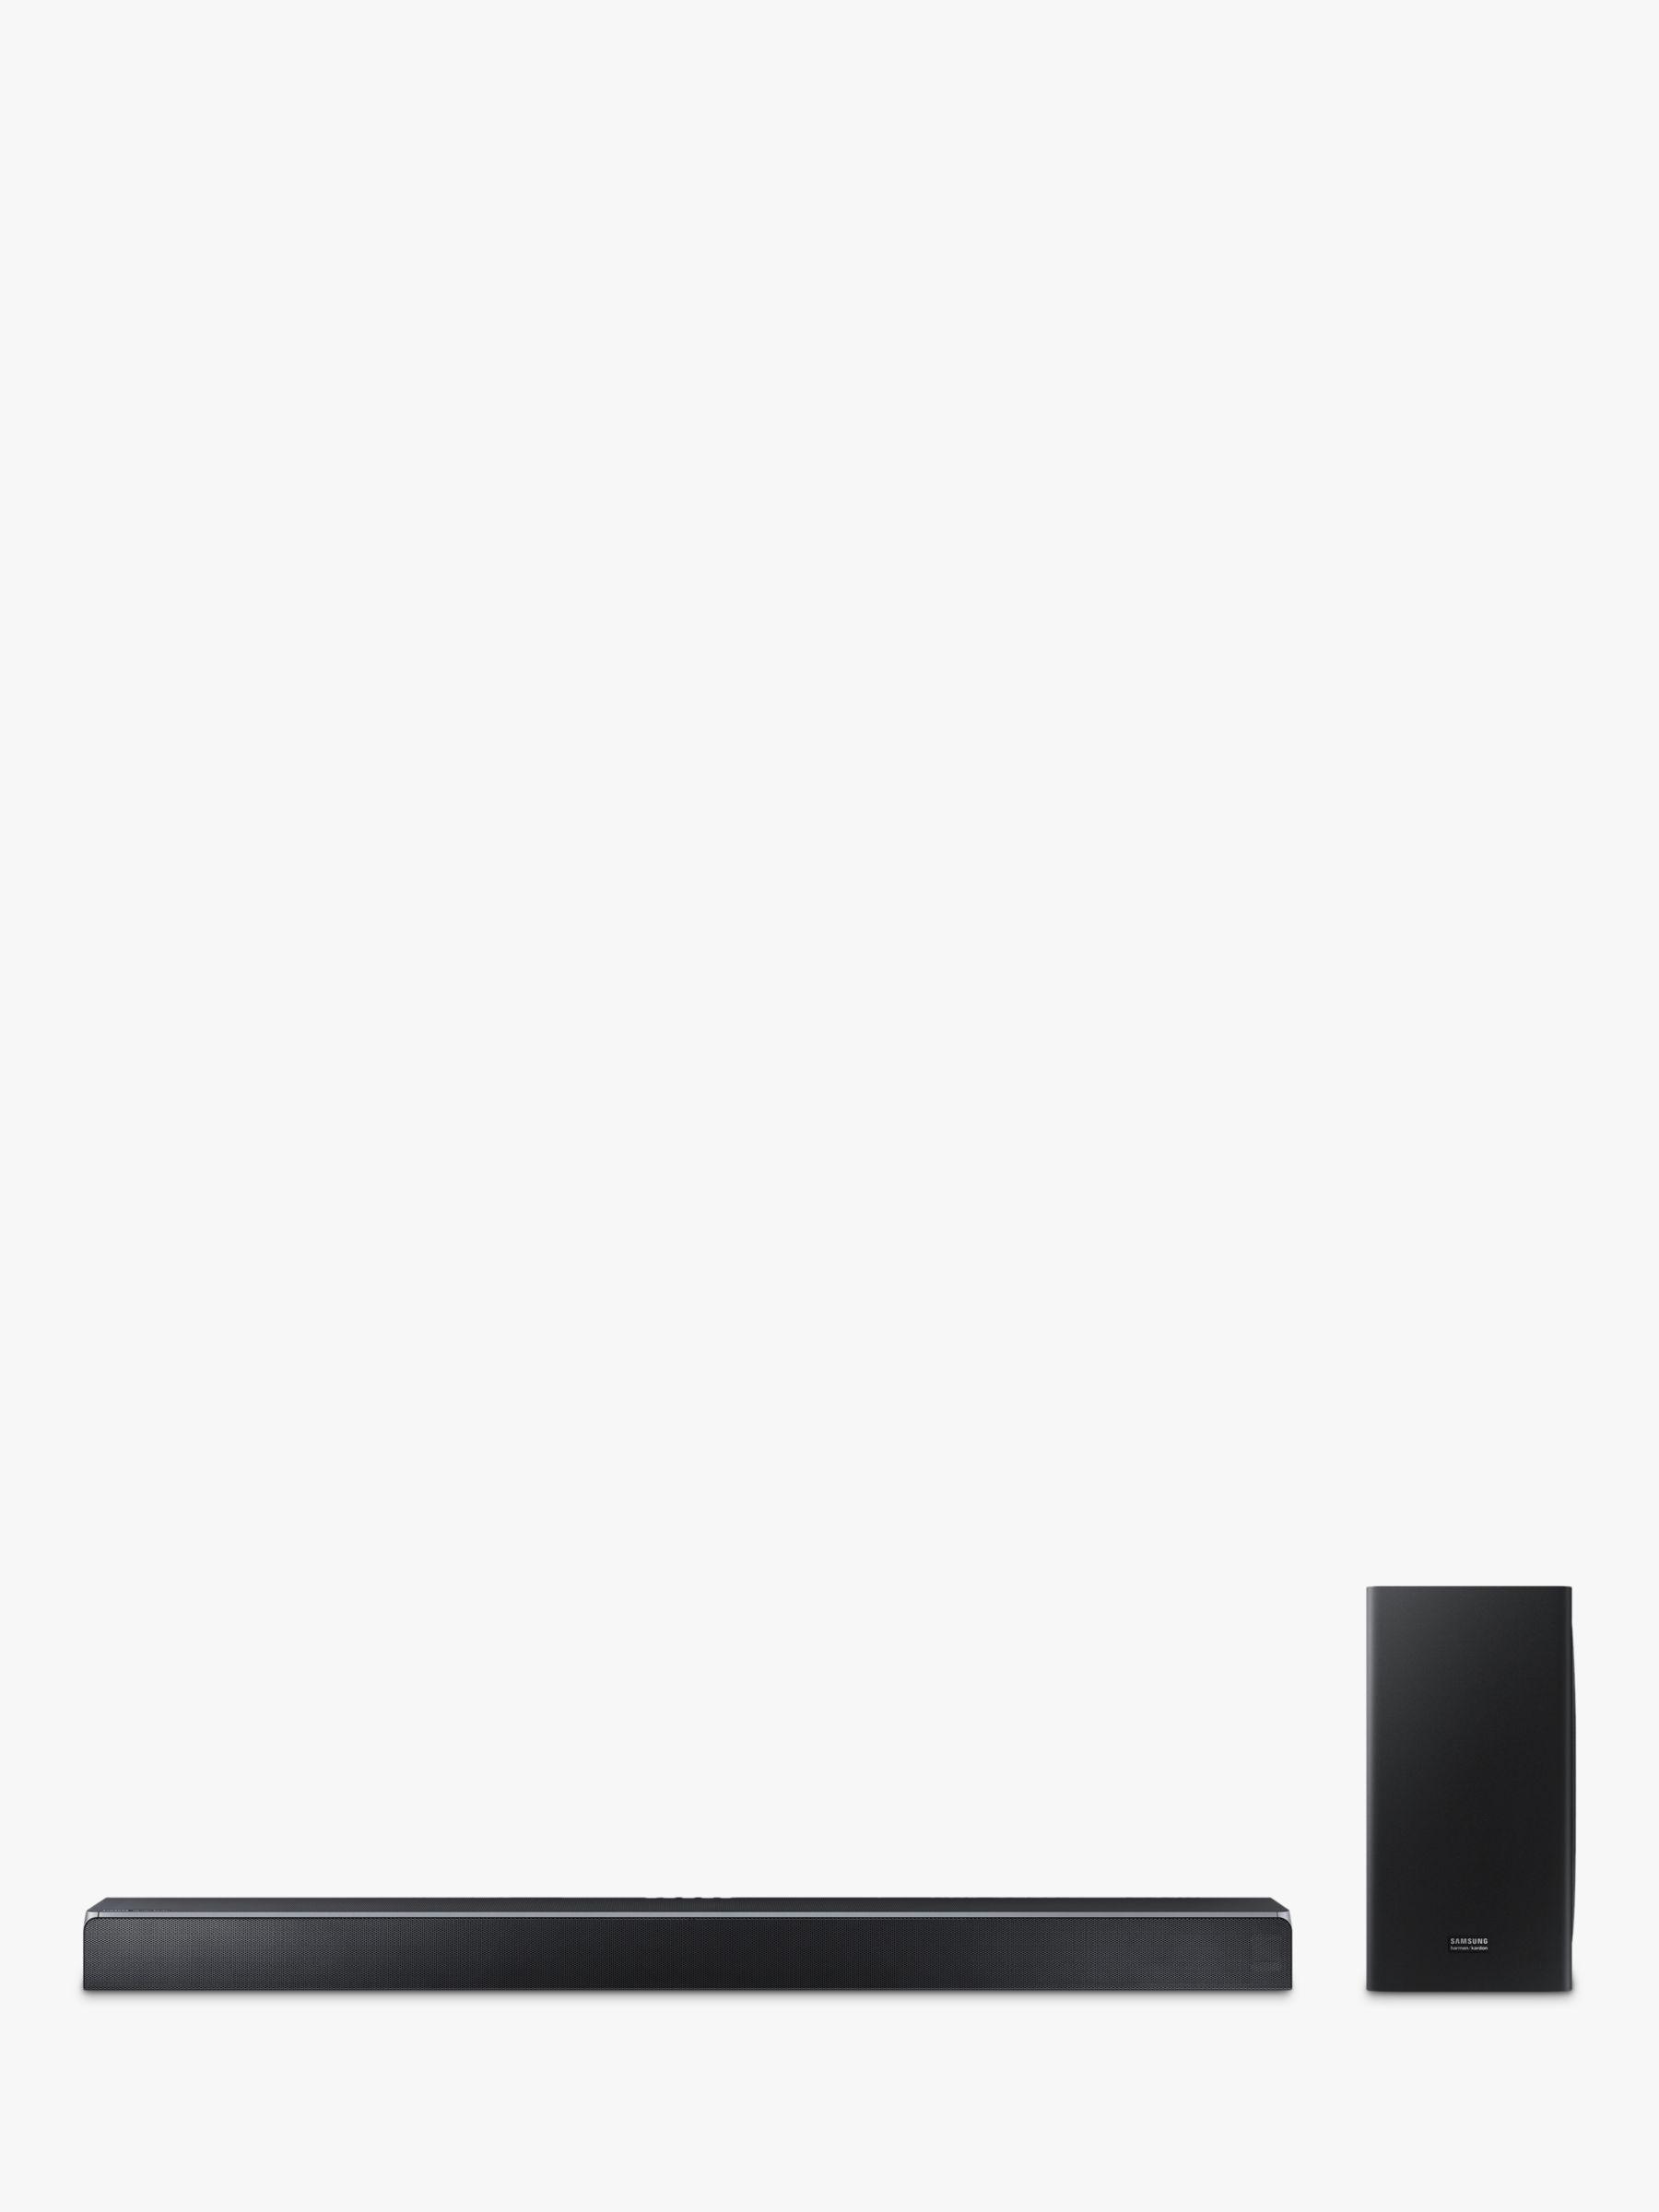 Samsung Samsung harman/kardon HW-Q80R Bluetooth Wi-Fi Cinematic Sound Bar with Dolby Atmos & Wireless Subwoofer